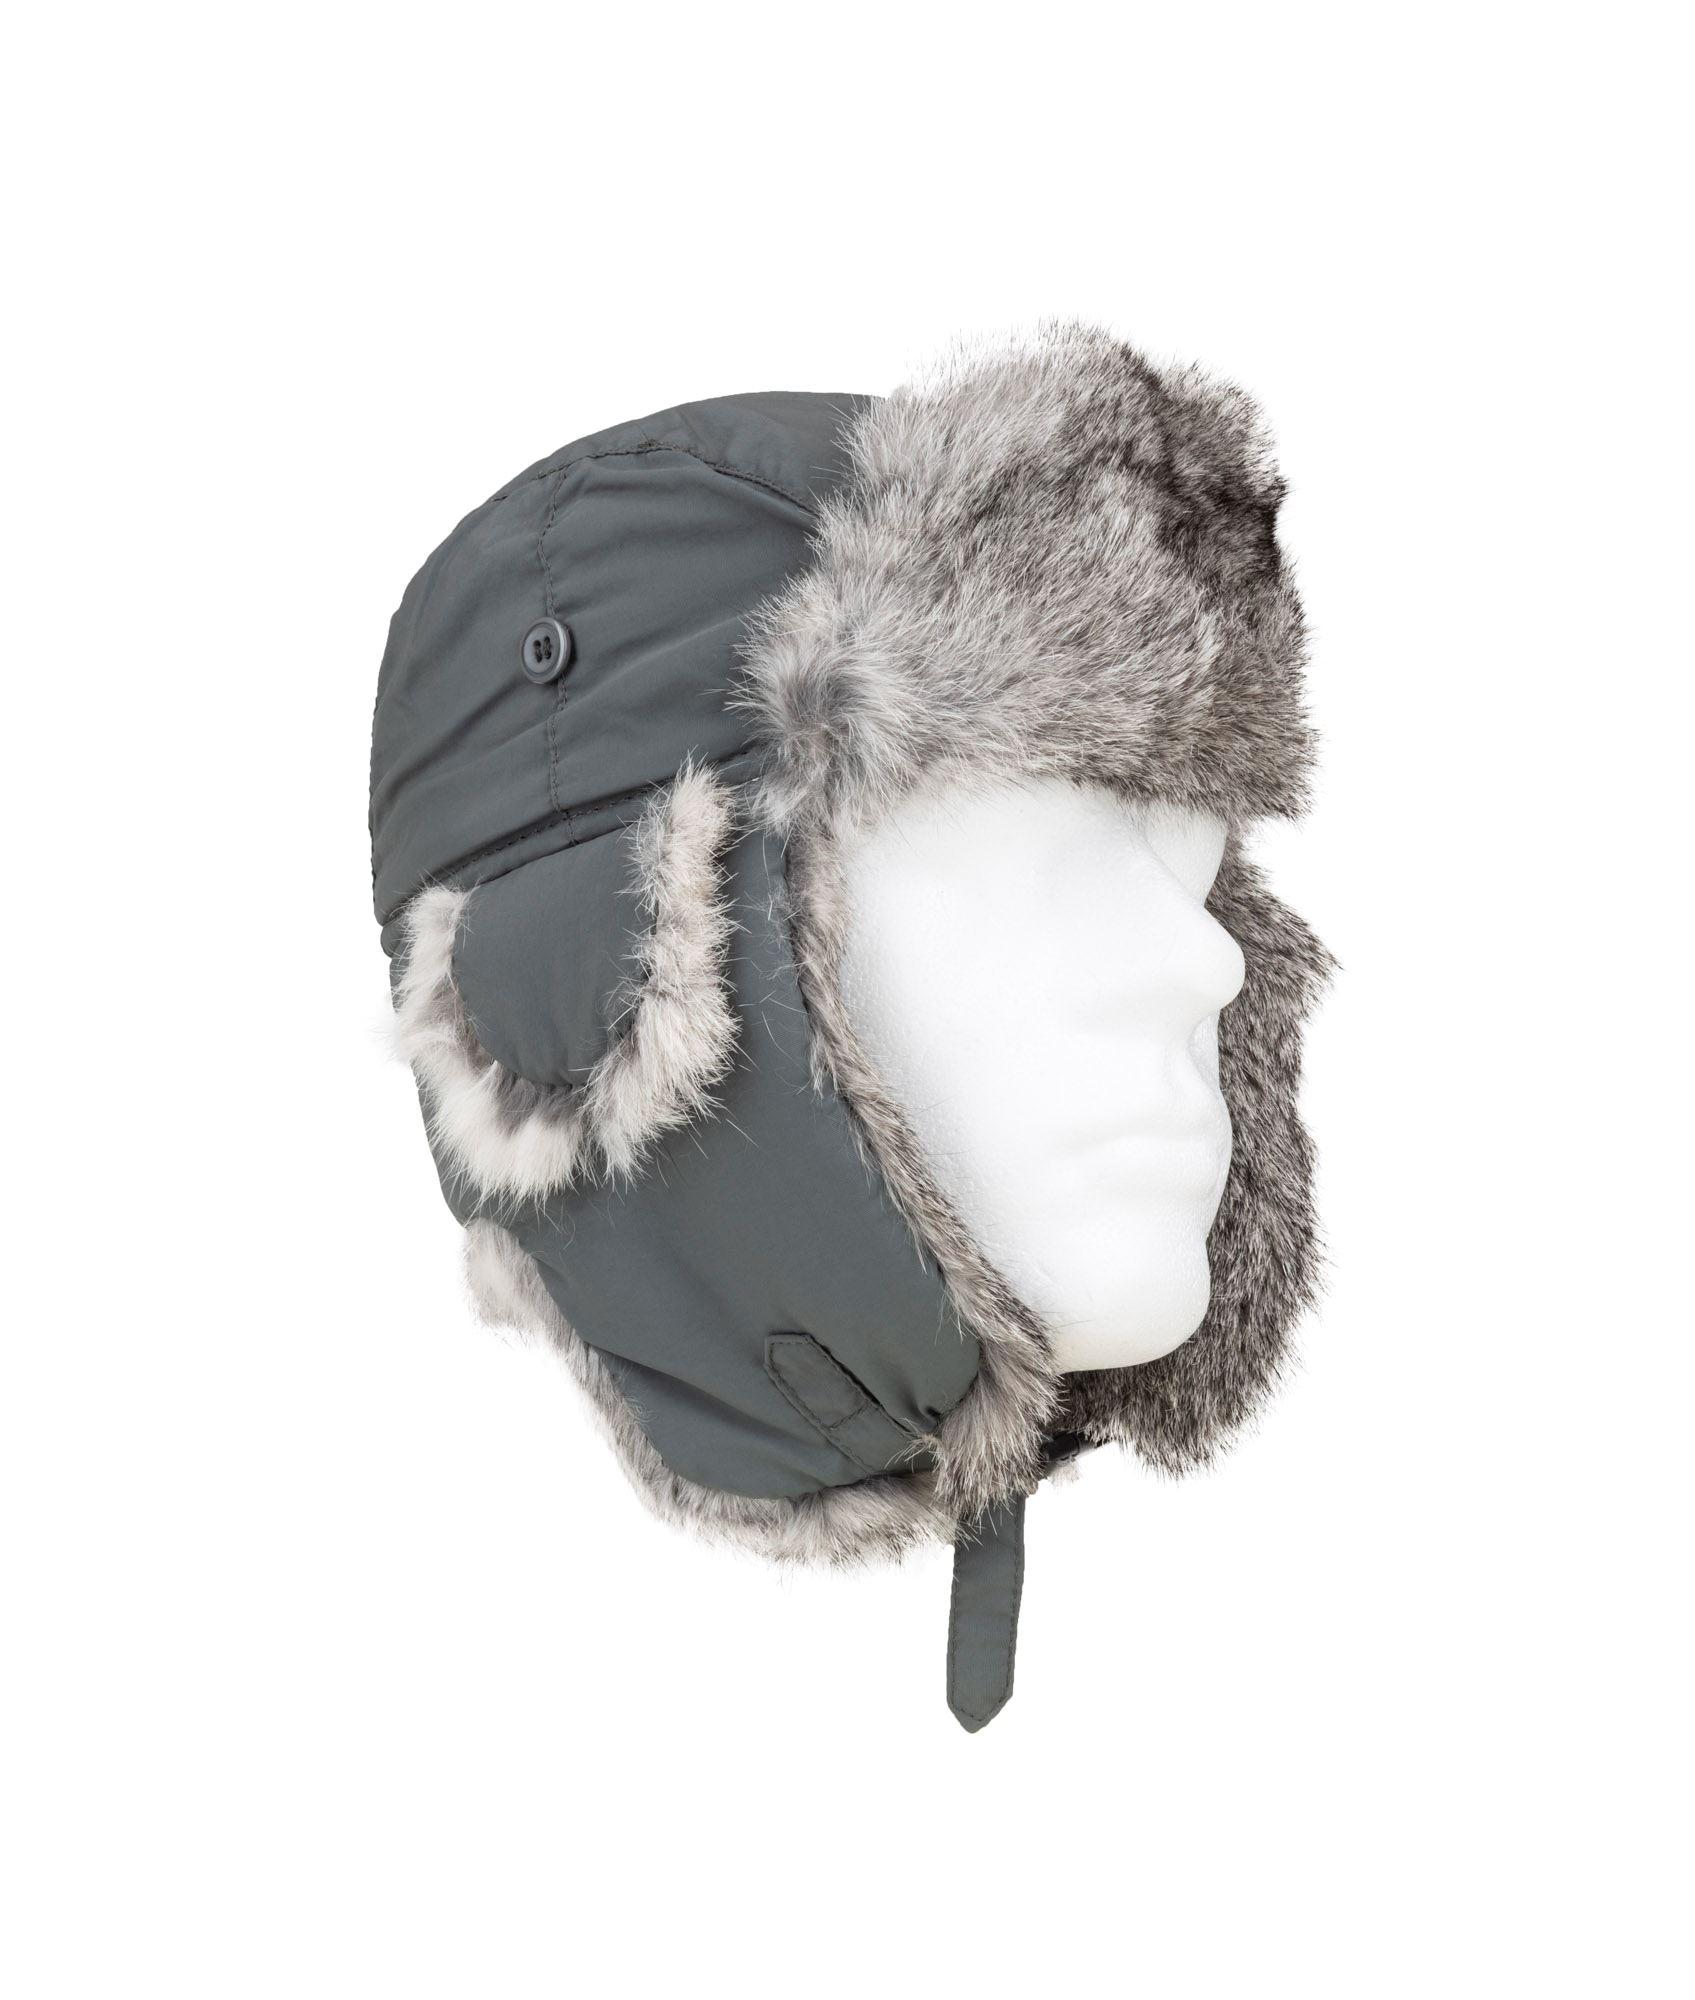 afda69f1366 Pels hue fra MJM. Køb varme vinterhuer og handsker i 417.dk